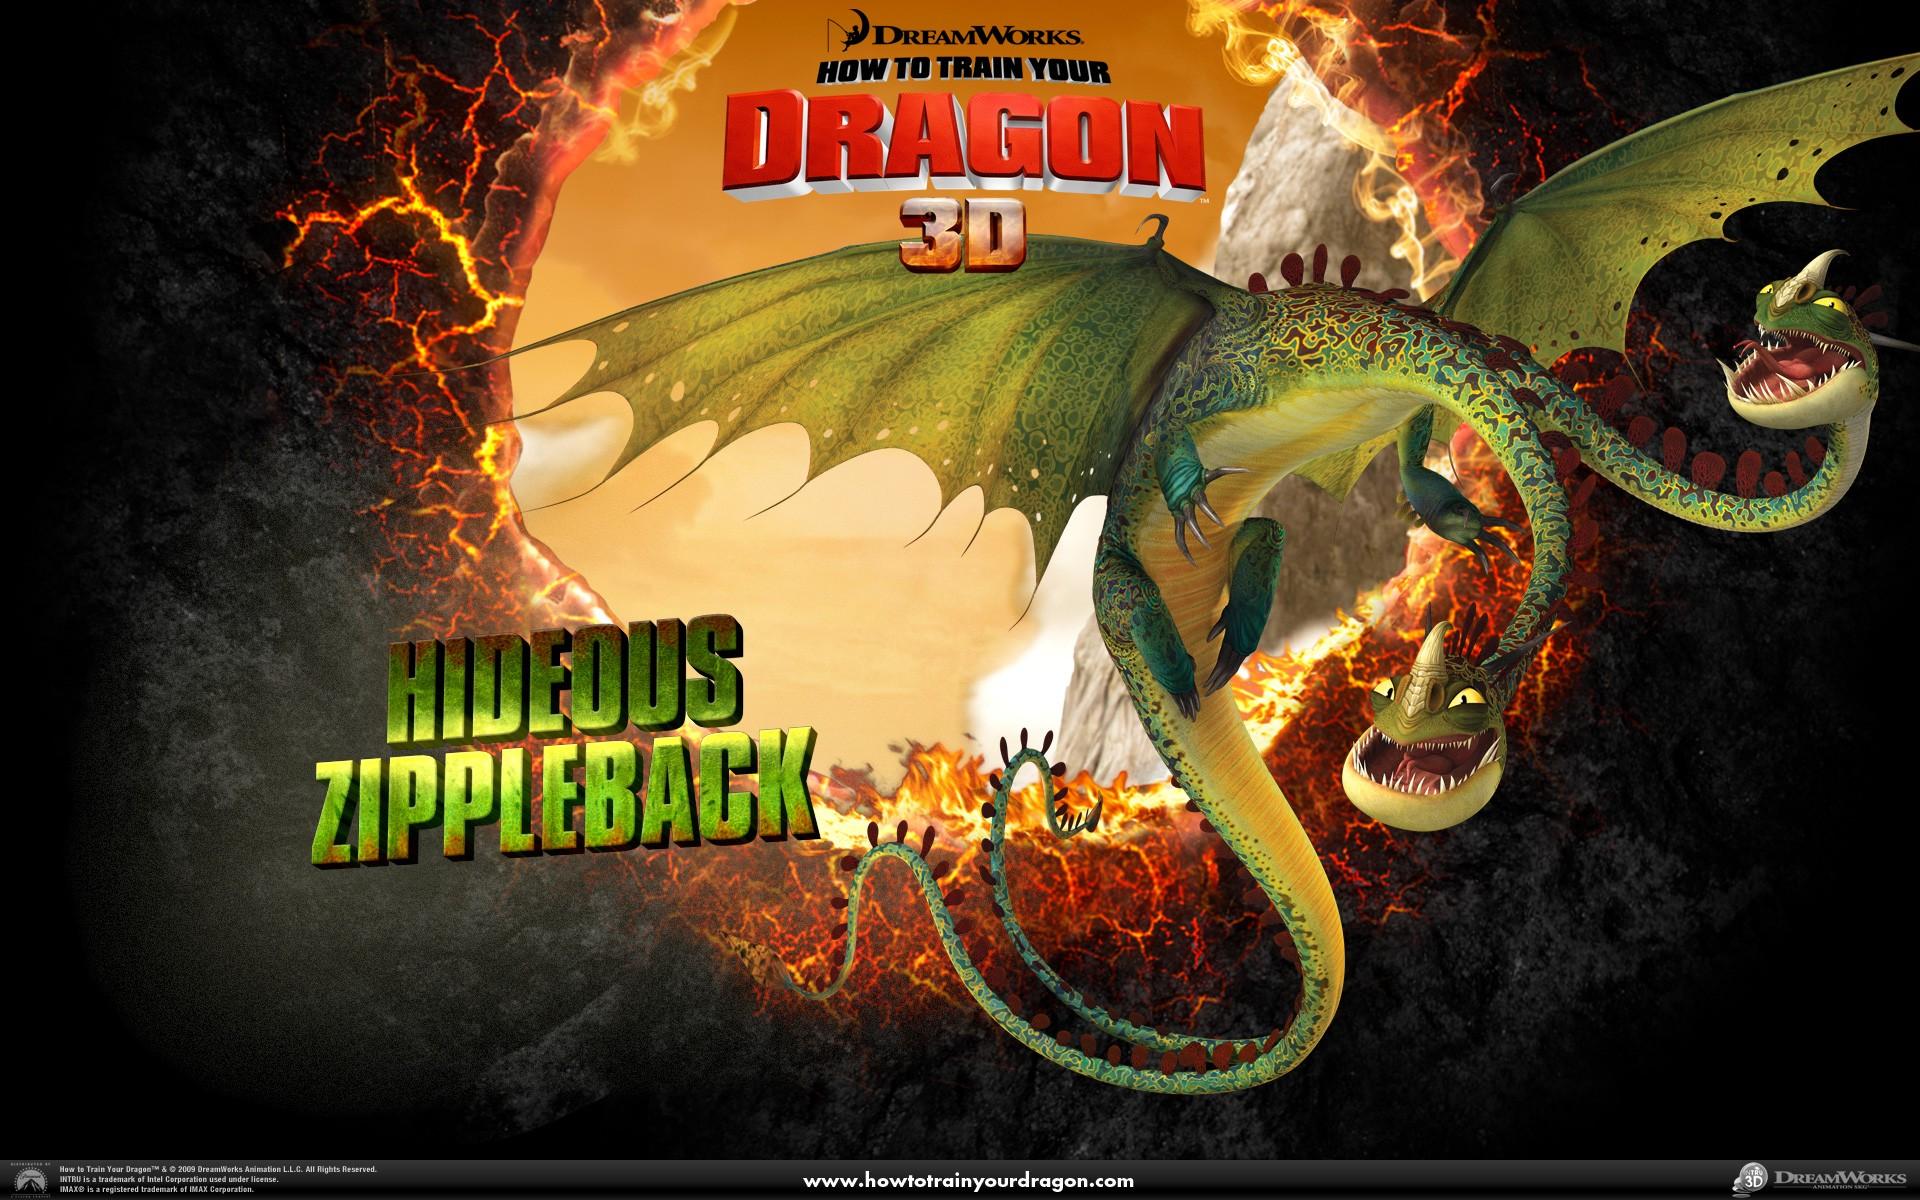 Un wallpaper ufficiale del drago a due teste, Orripilante Bizippo del film Dragon Trainer